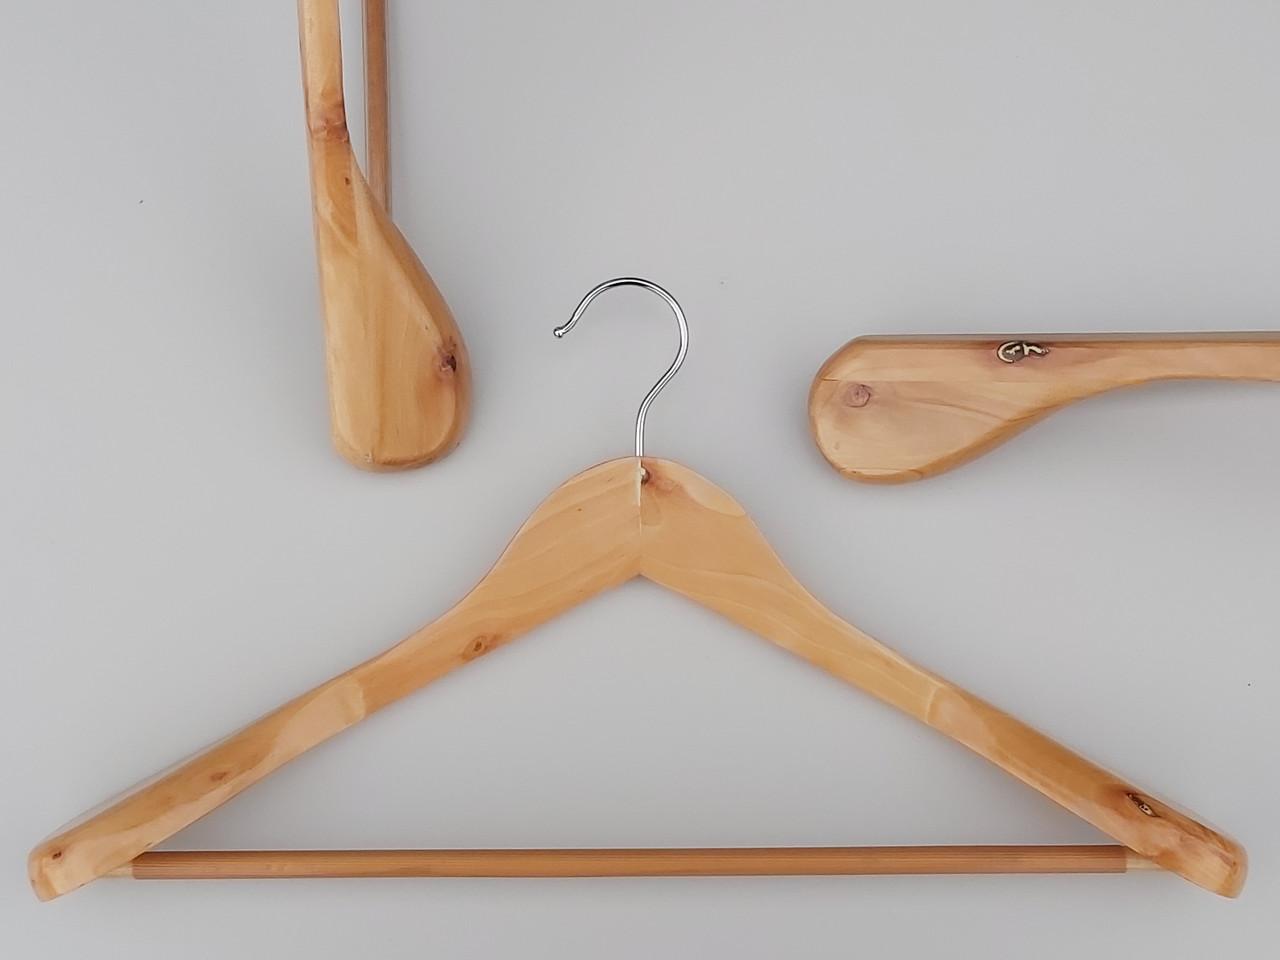 Длина 44,5 см. Плечики вешалки  деревянные светлые широкие с антискользяшей перекладиной